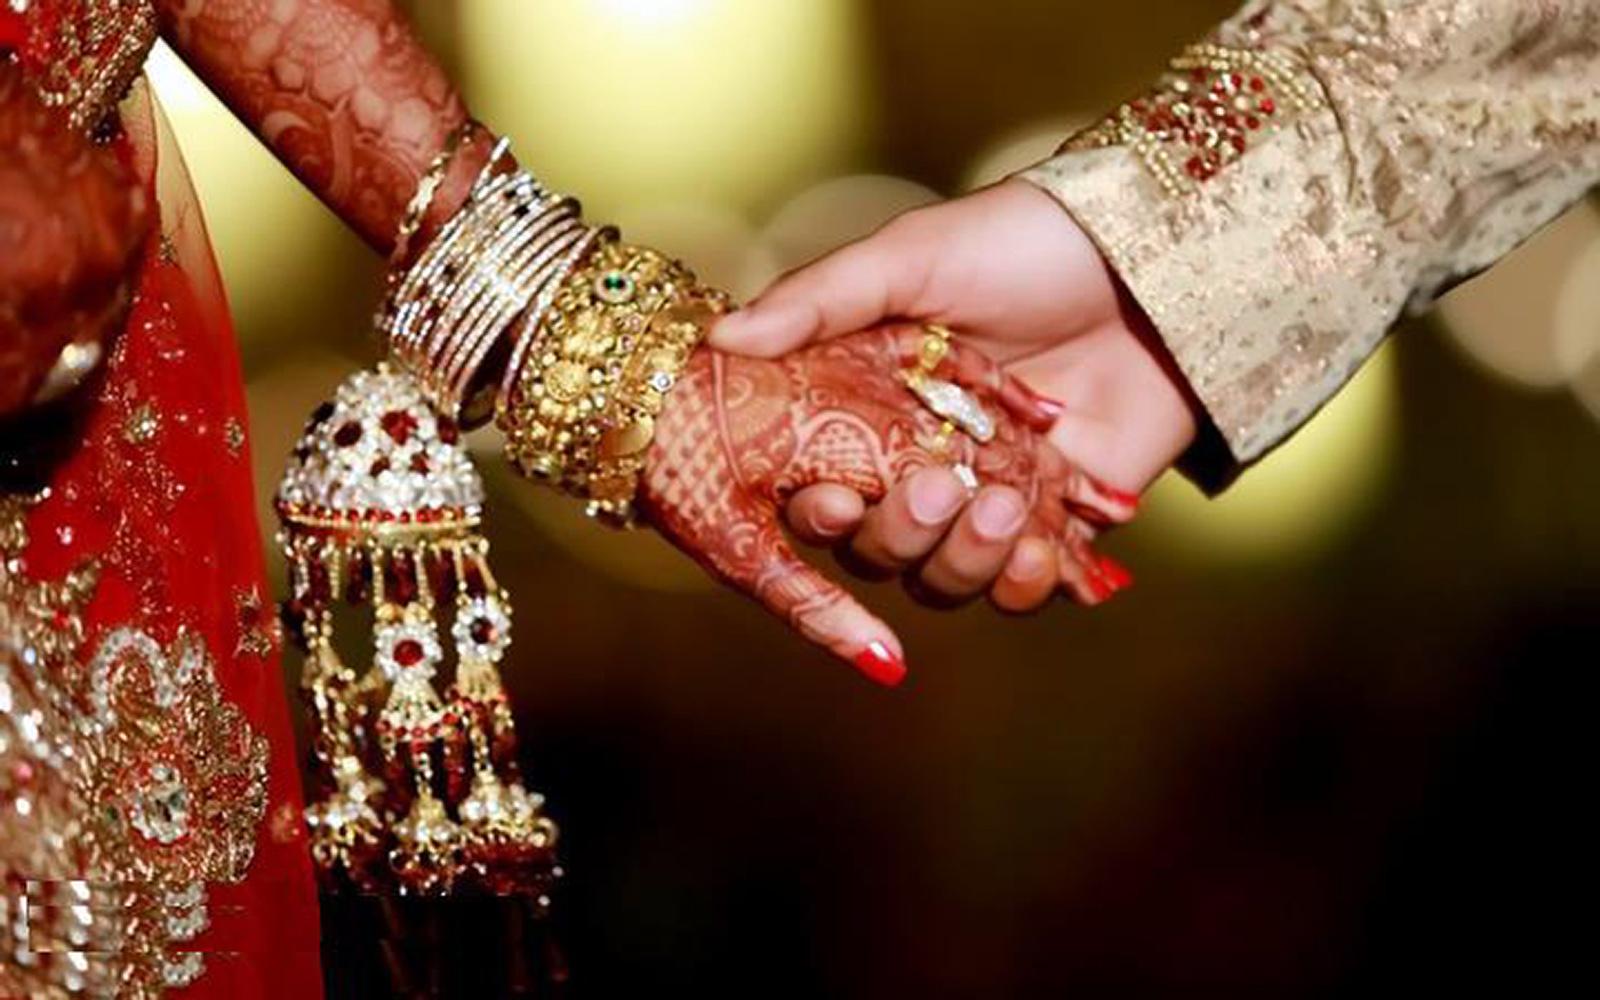 صور ذكرى الزواج  (3)